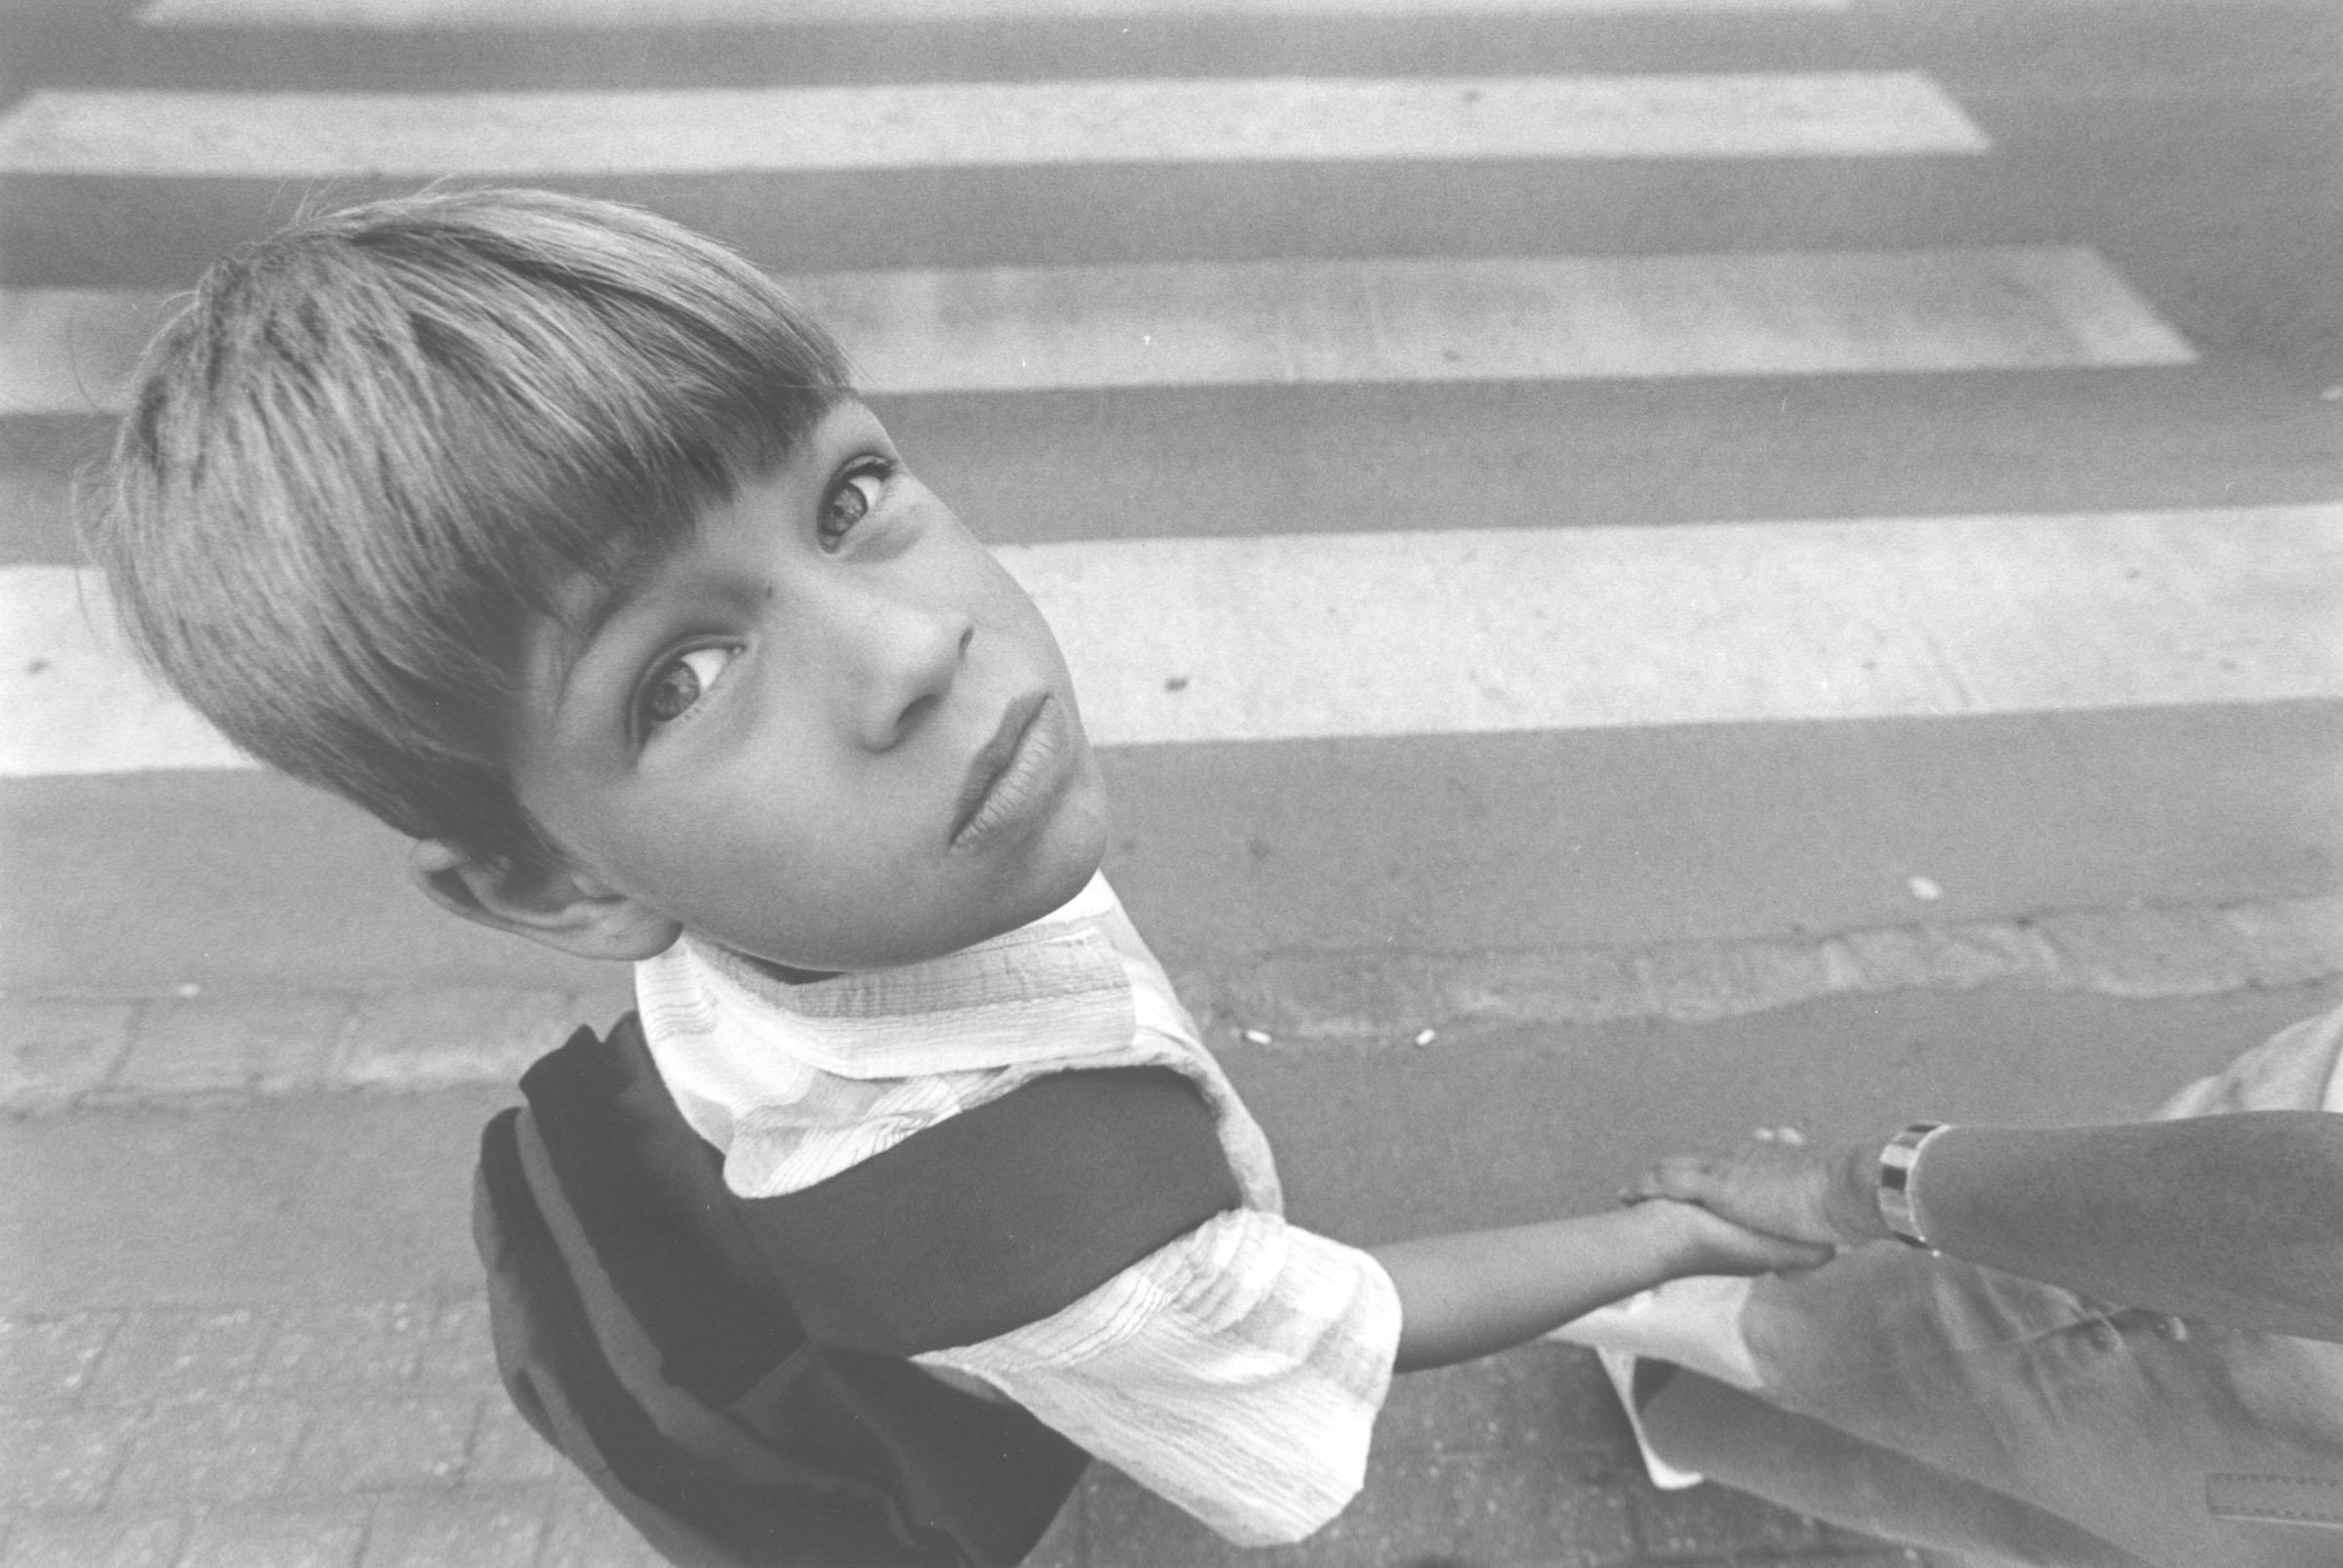 2004.09.18. Hétköznapok fotópályázat - Merjás Georgij - Rácsodálkozás.jpg